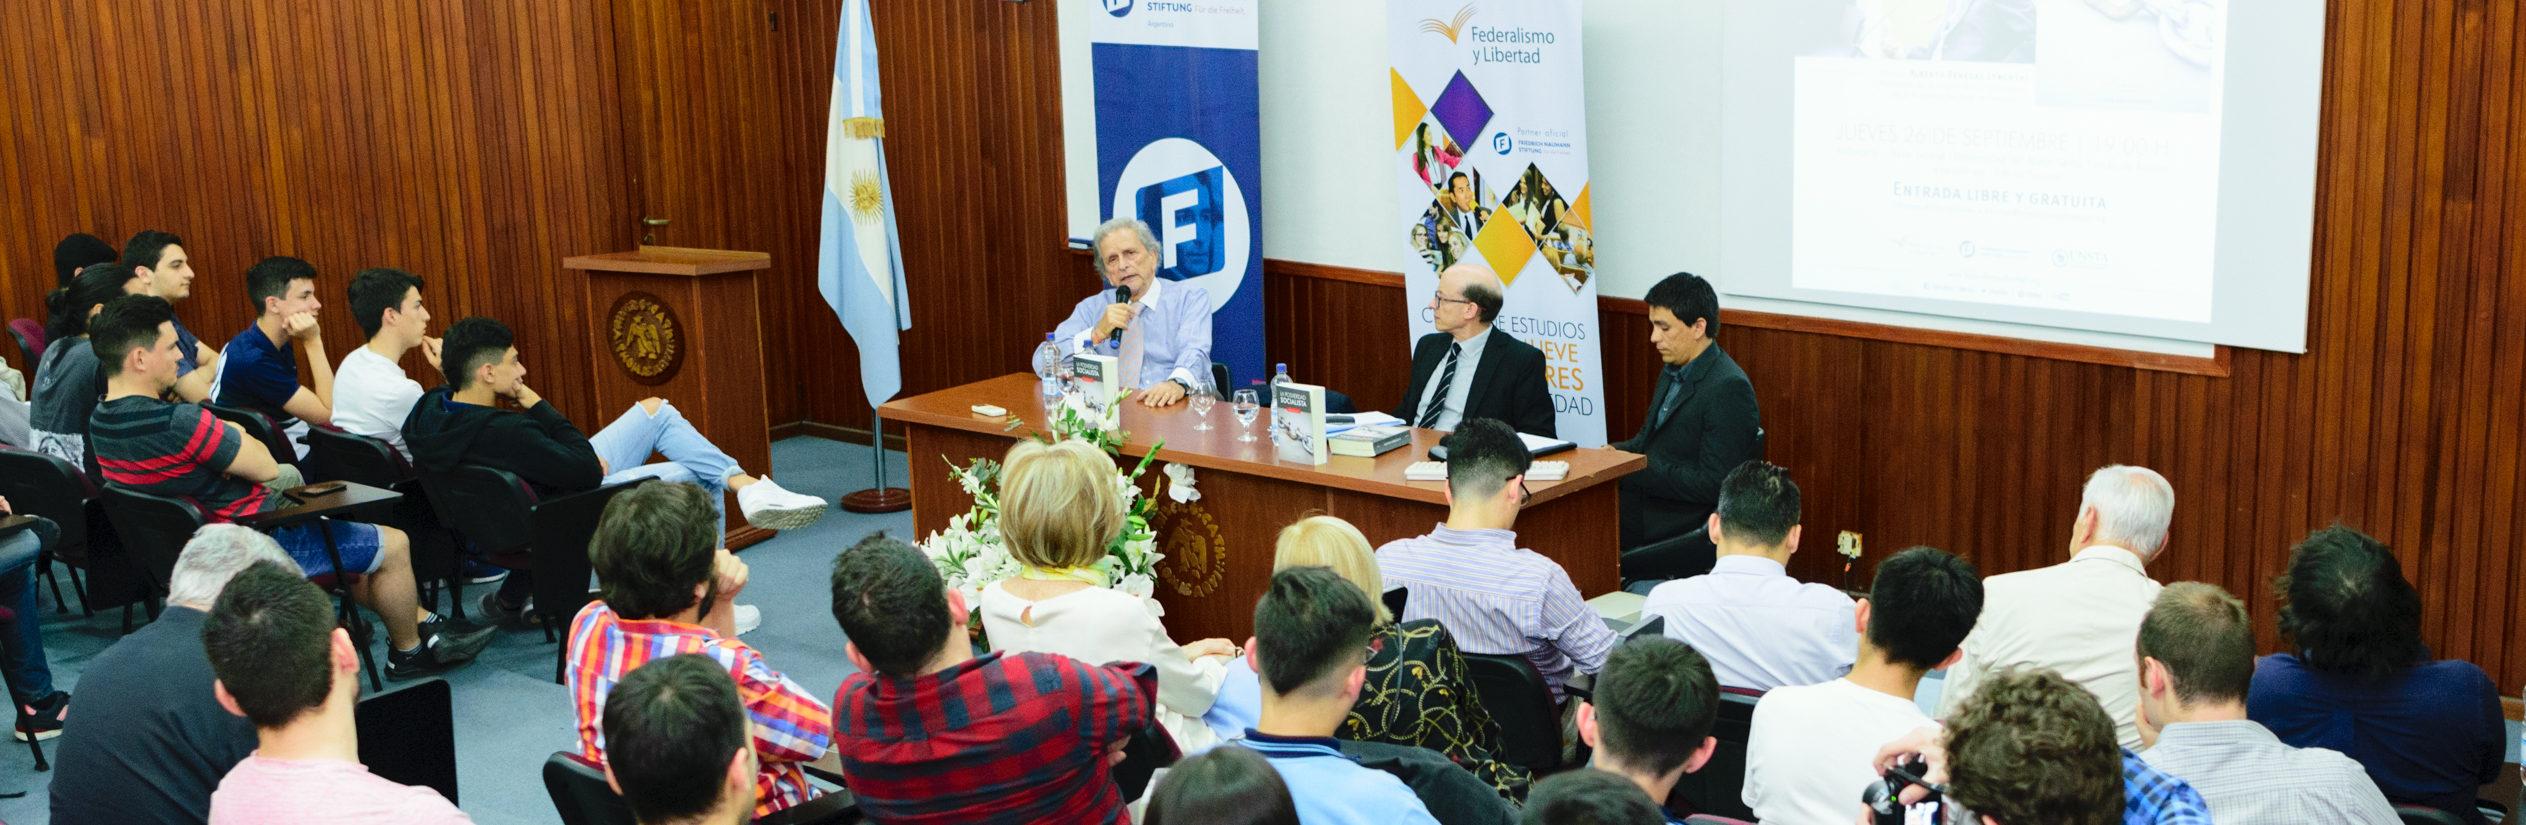 Alberto Benegas Lynch (h)presentóLa Posverdad Socialista en Tucumán